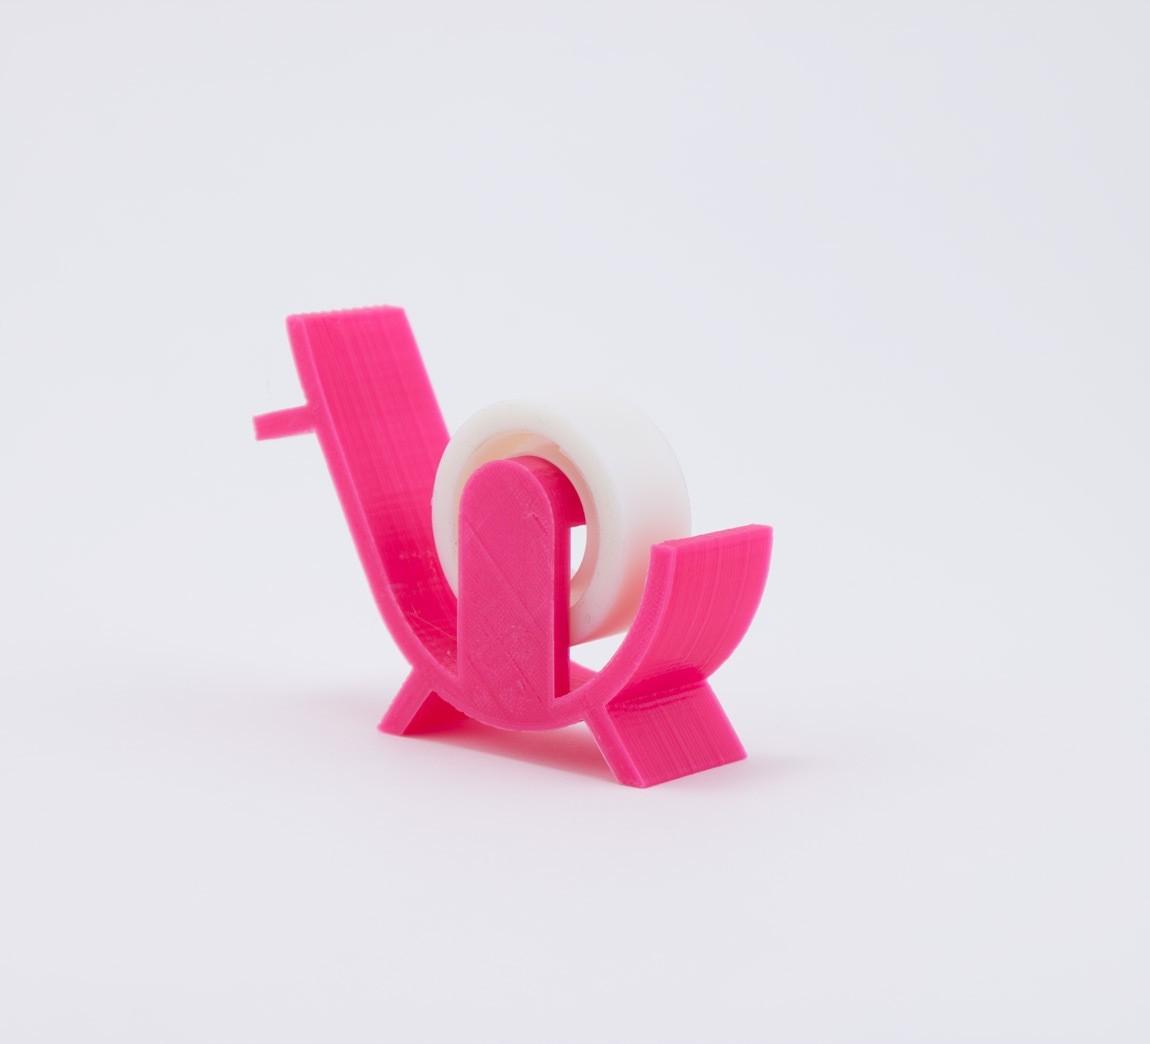 e7a4dc06492d115ad3f7328a9b455133_1447961795286_NMD000658-8.jpg Download free STL file Mammal Tape Dispenser • 3D printer object, Terryyy